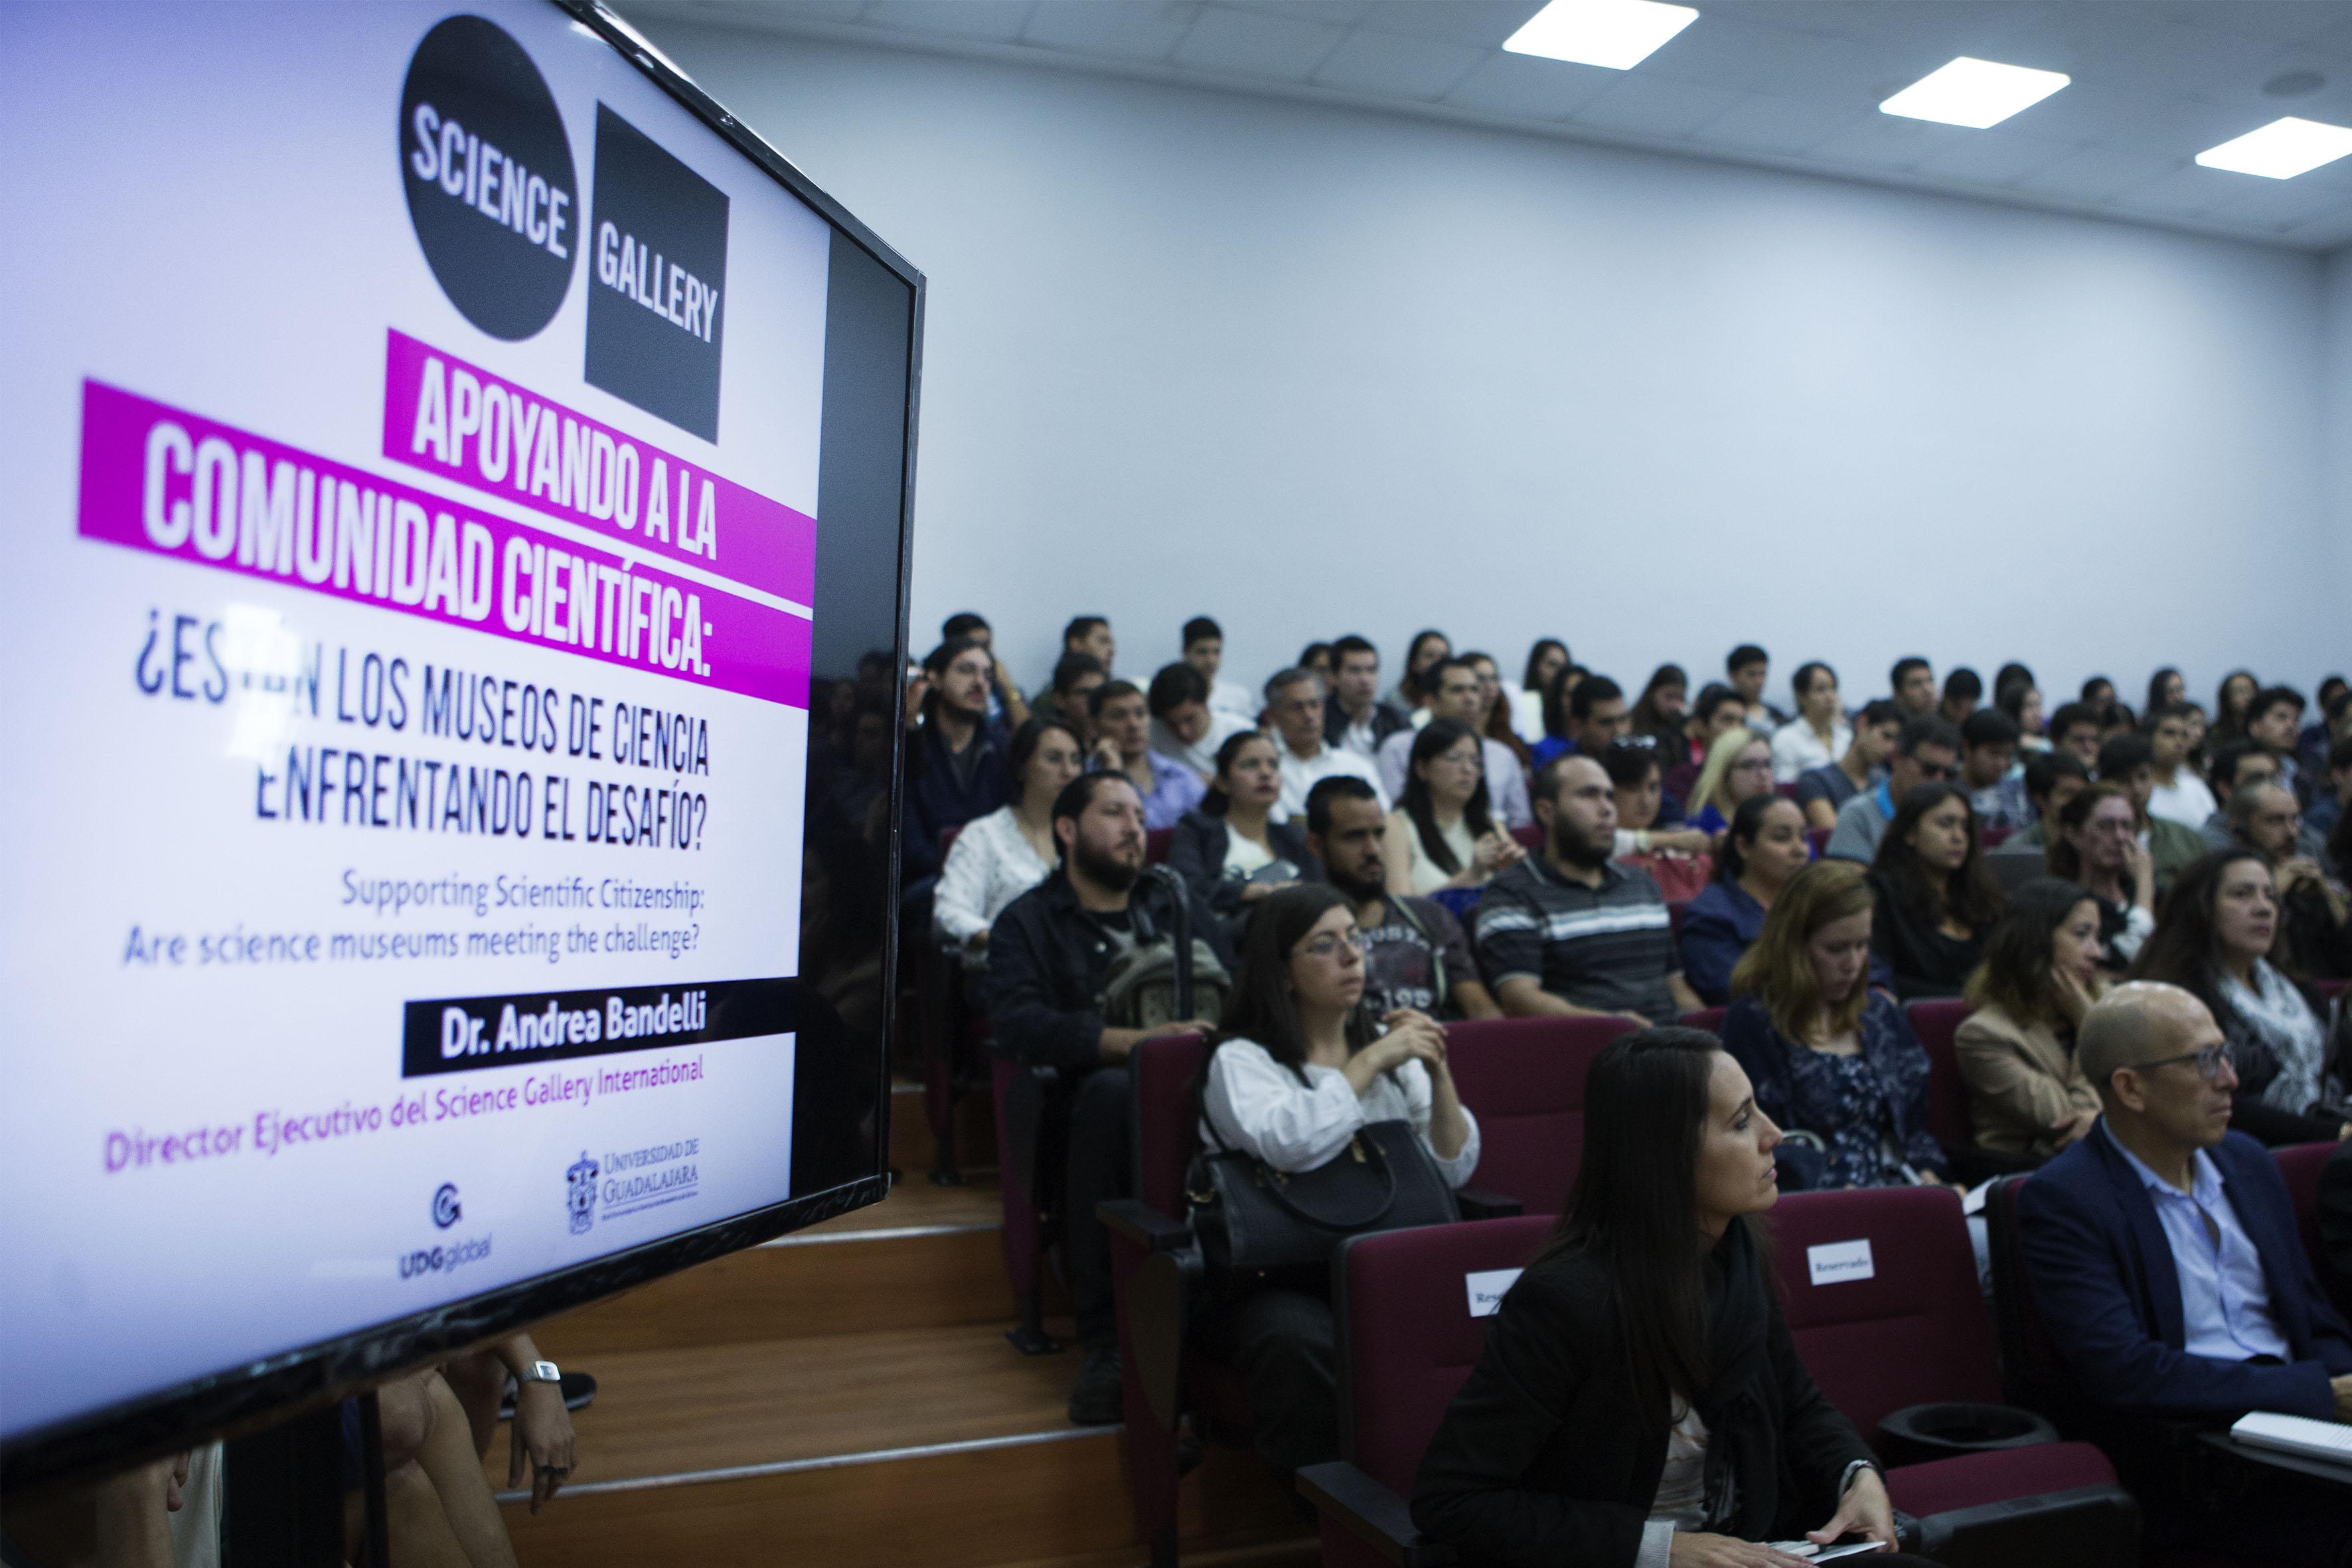 Público asistente a la charla, realizada en la Video Aula Gerald D. Gulotta, del Centro Universitario de Arte, Arquitectura y Diseño (CUAAD).